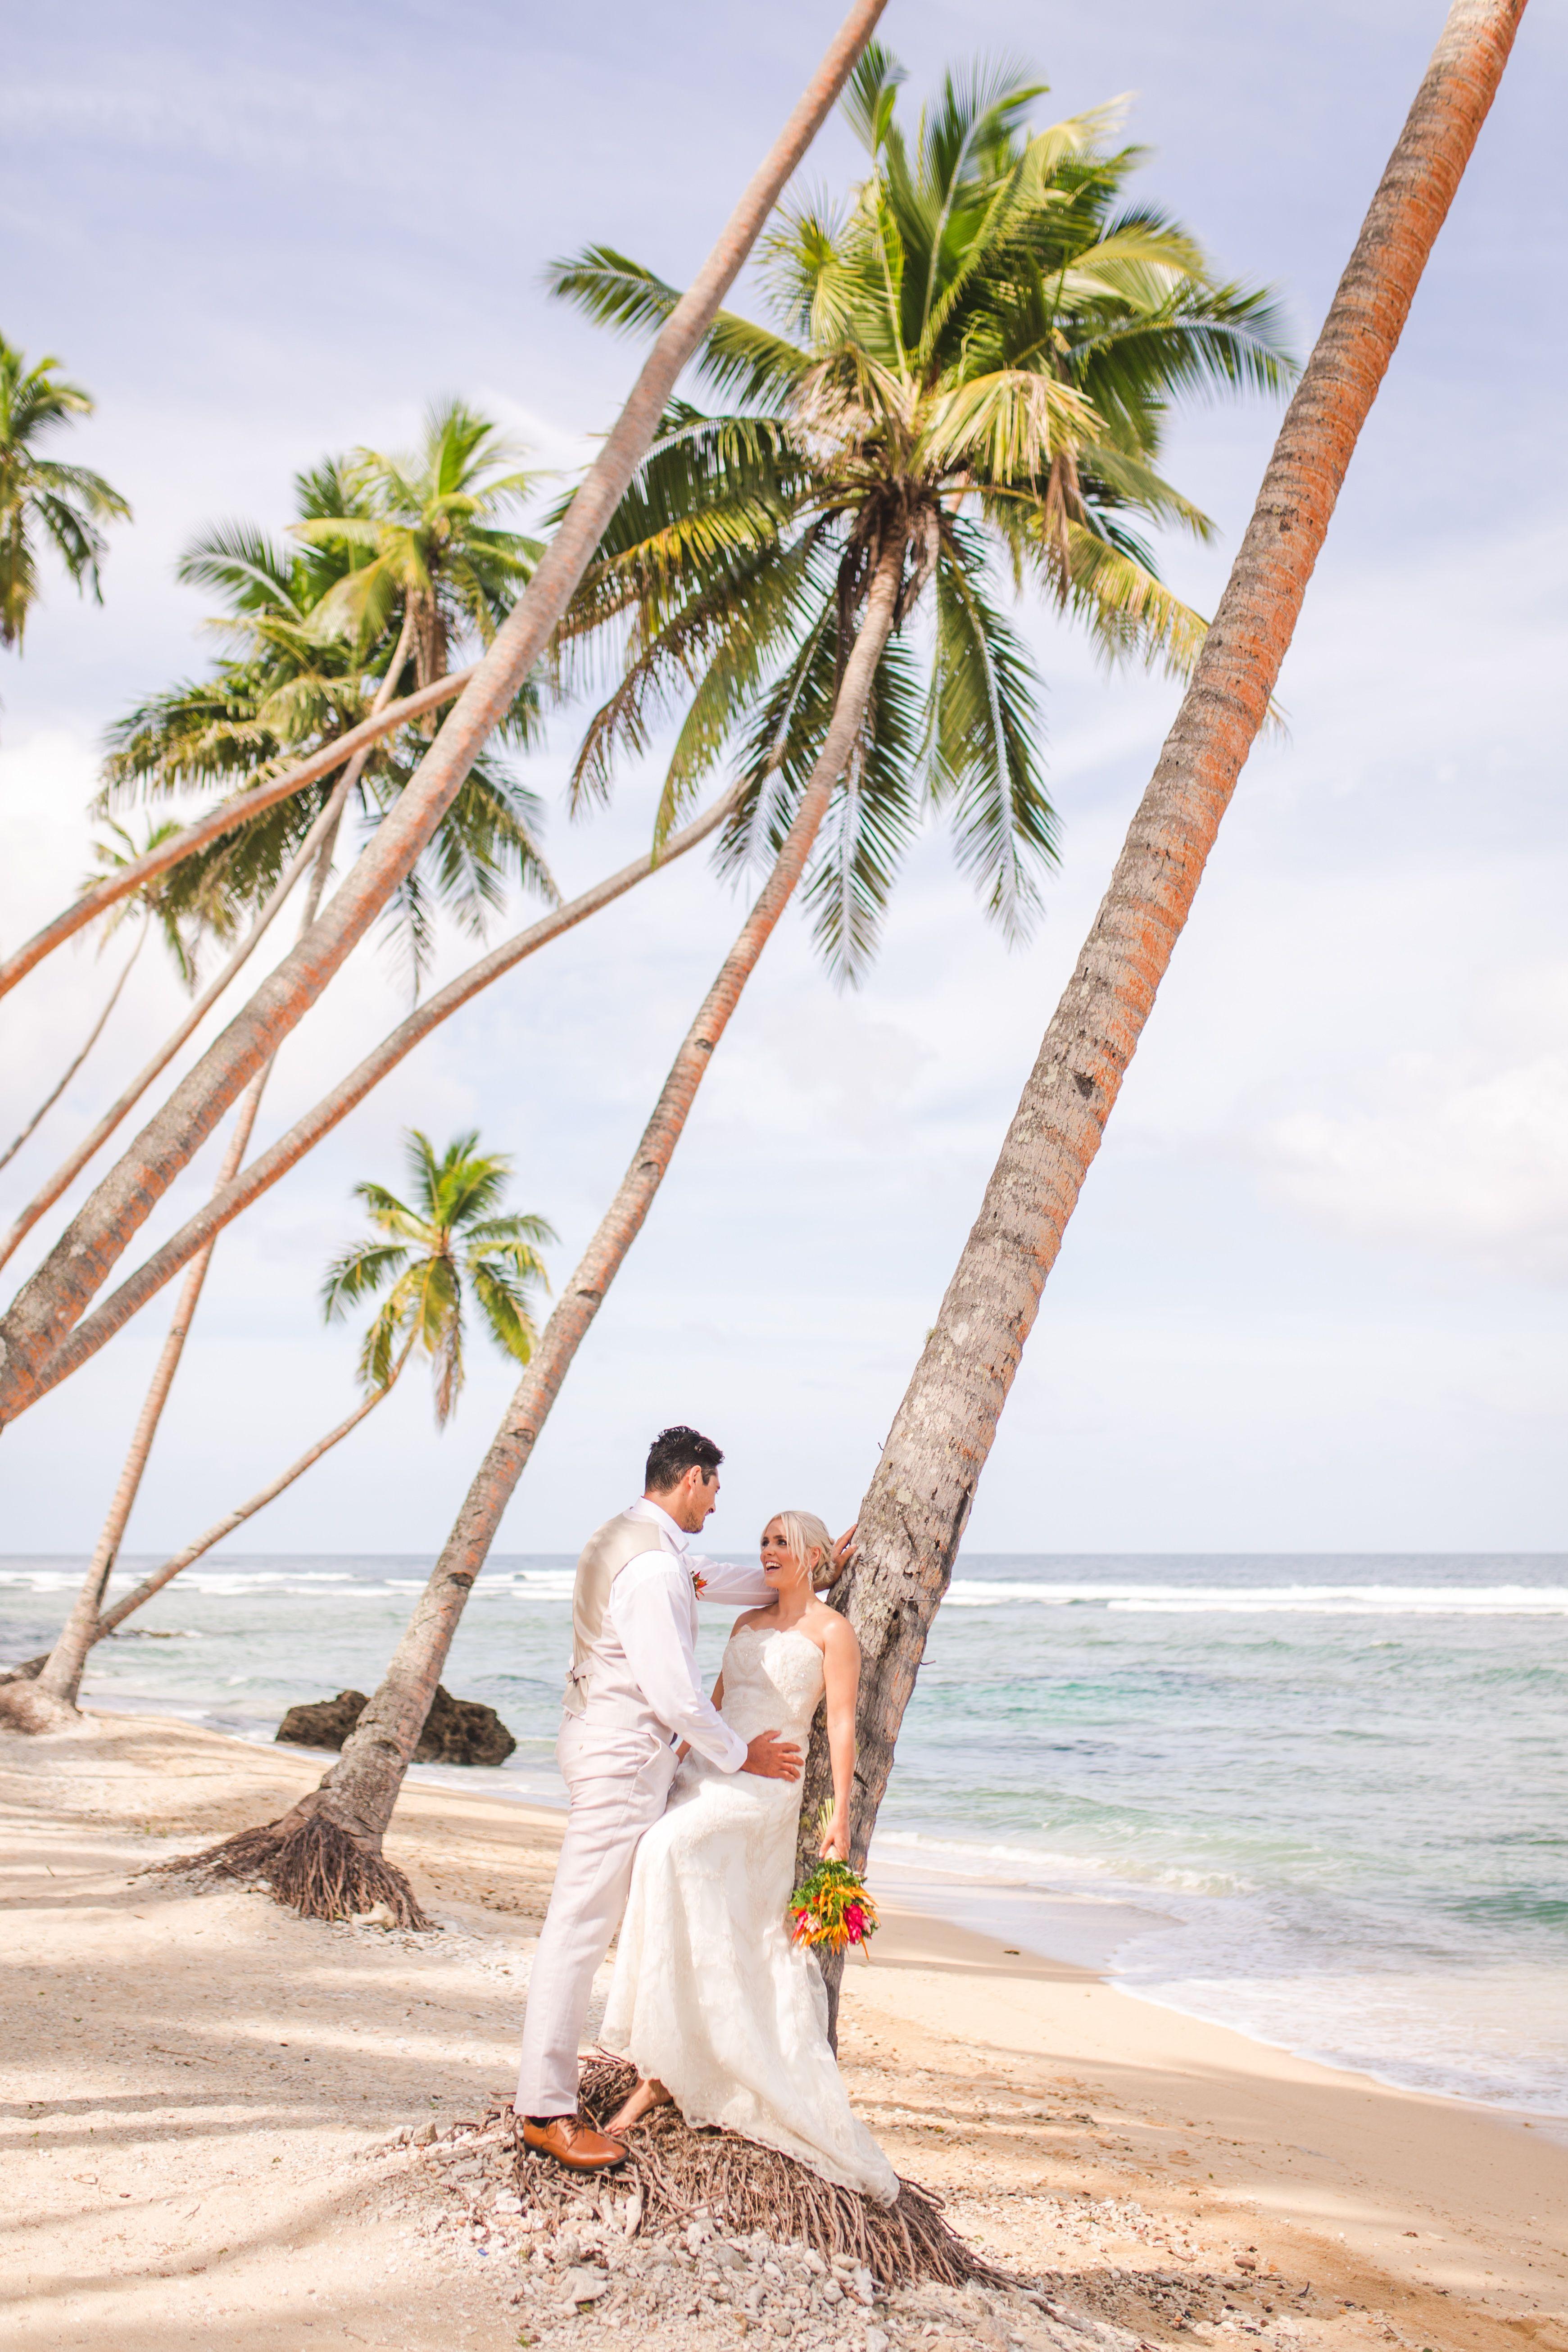 A Dreamy Beach Wedding In Tropical Fiji